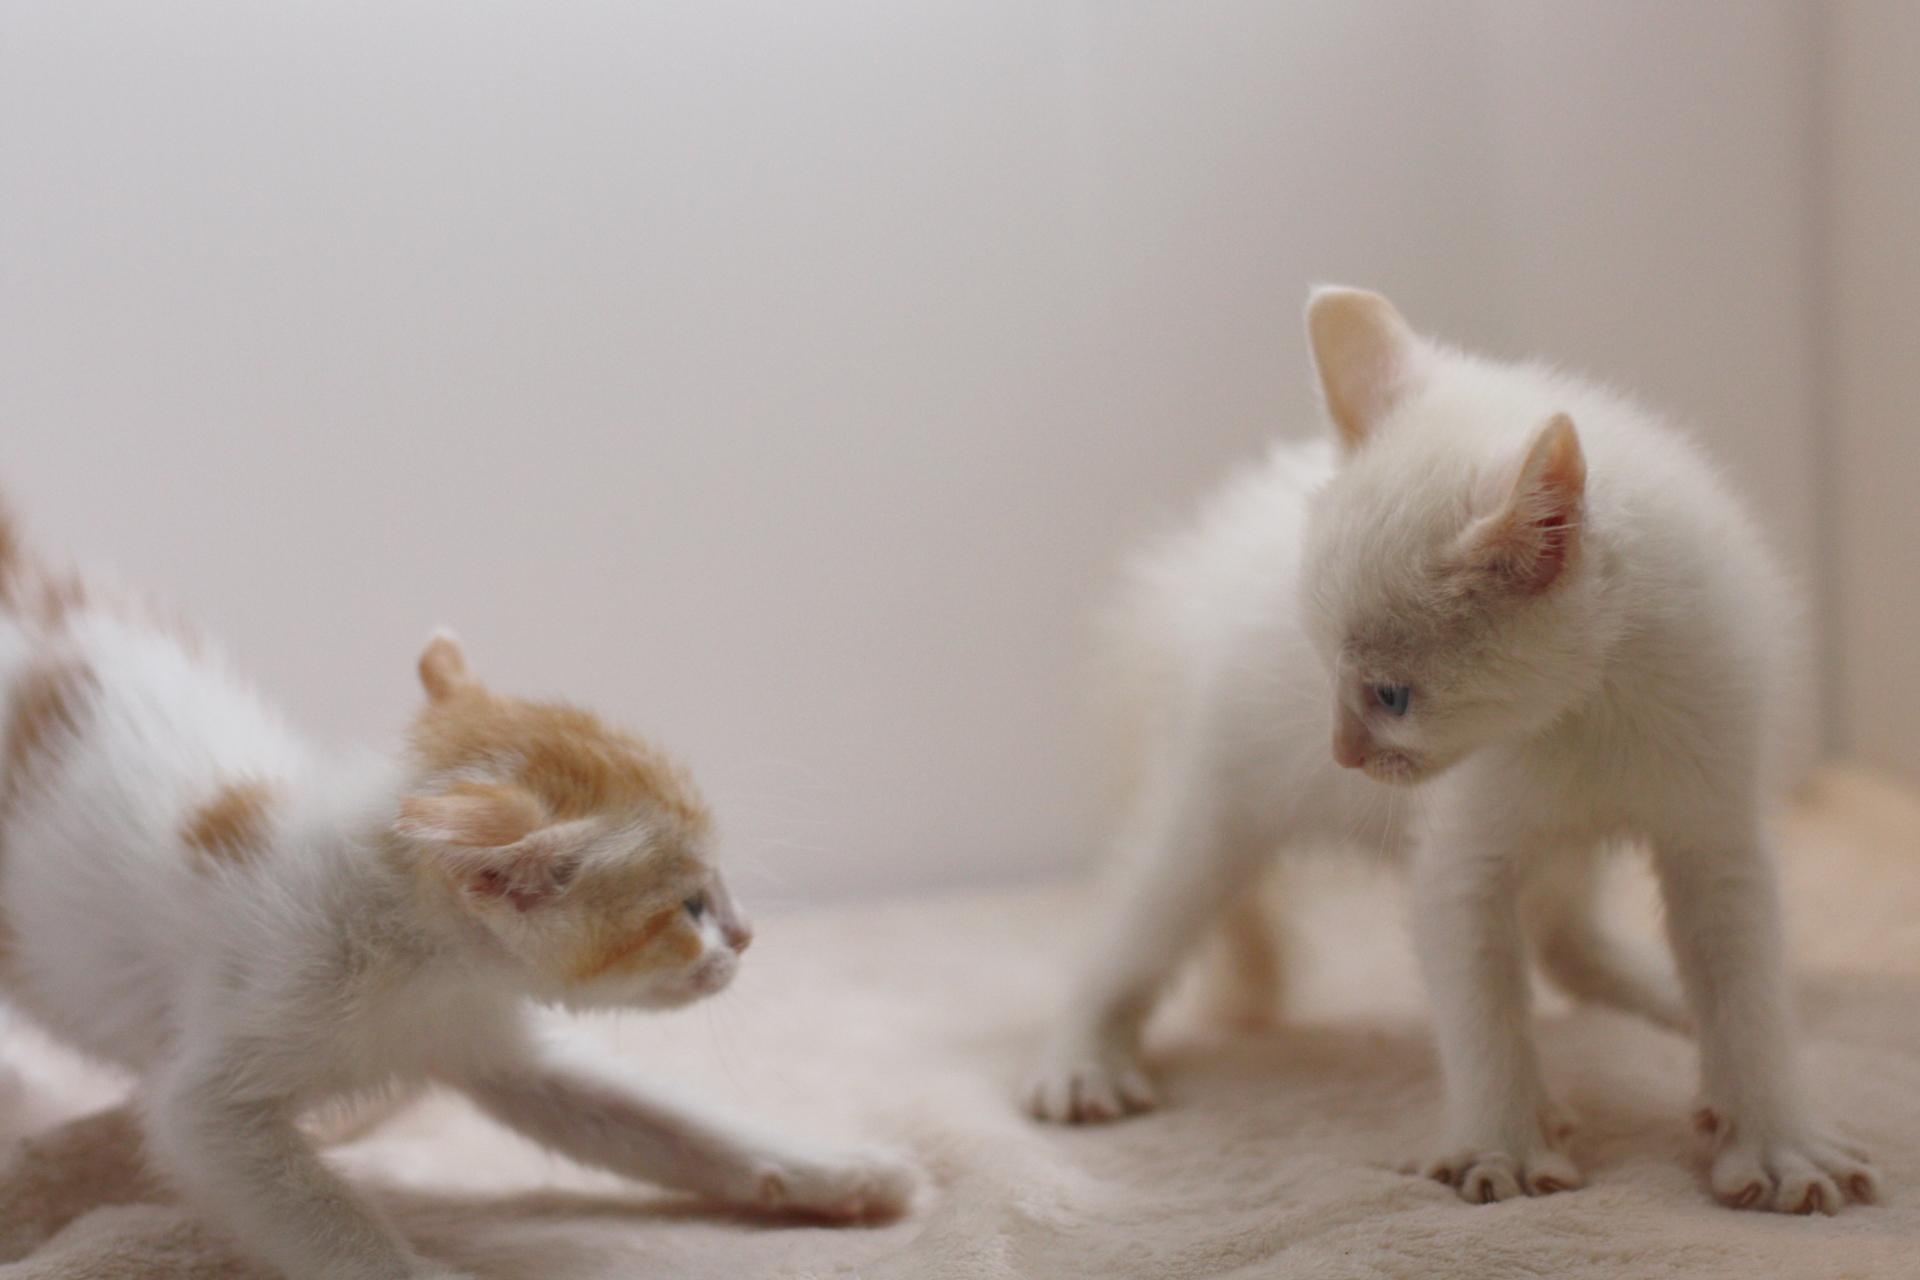 猫を2匹目飼う?後悔しないために知りたいメリットとデメリット